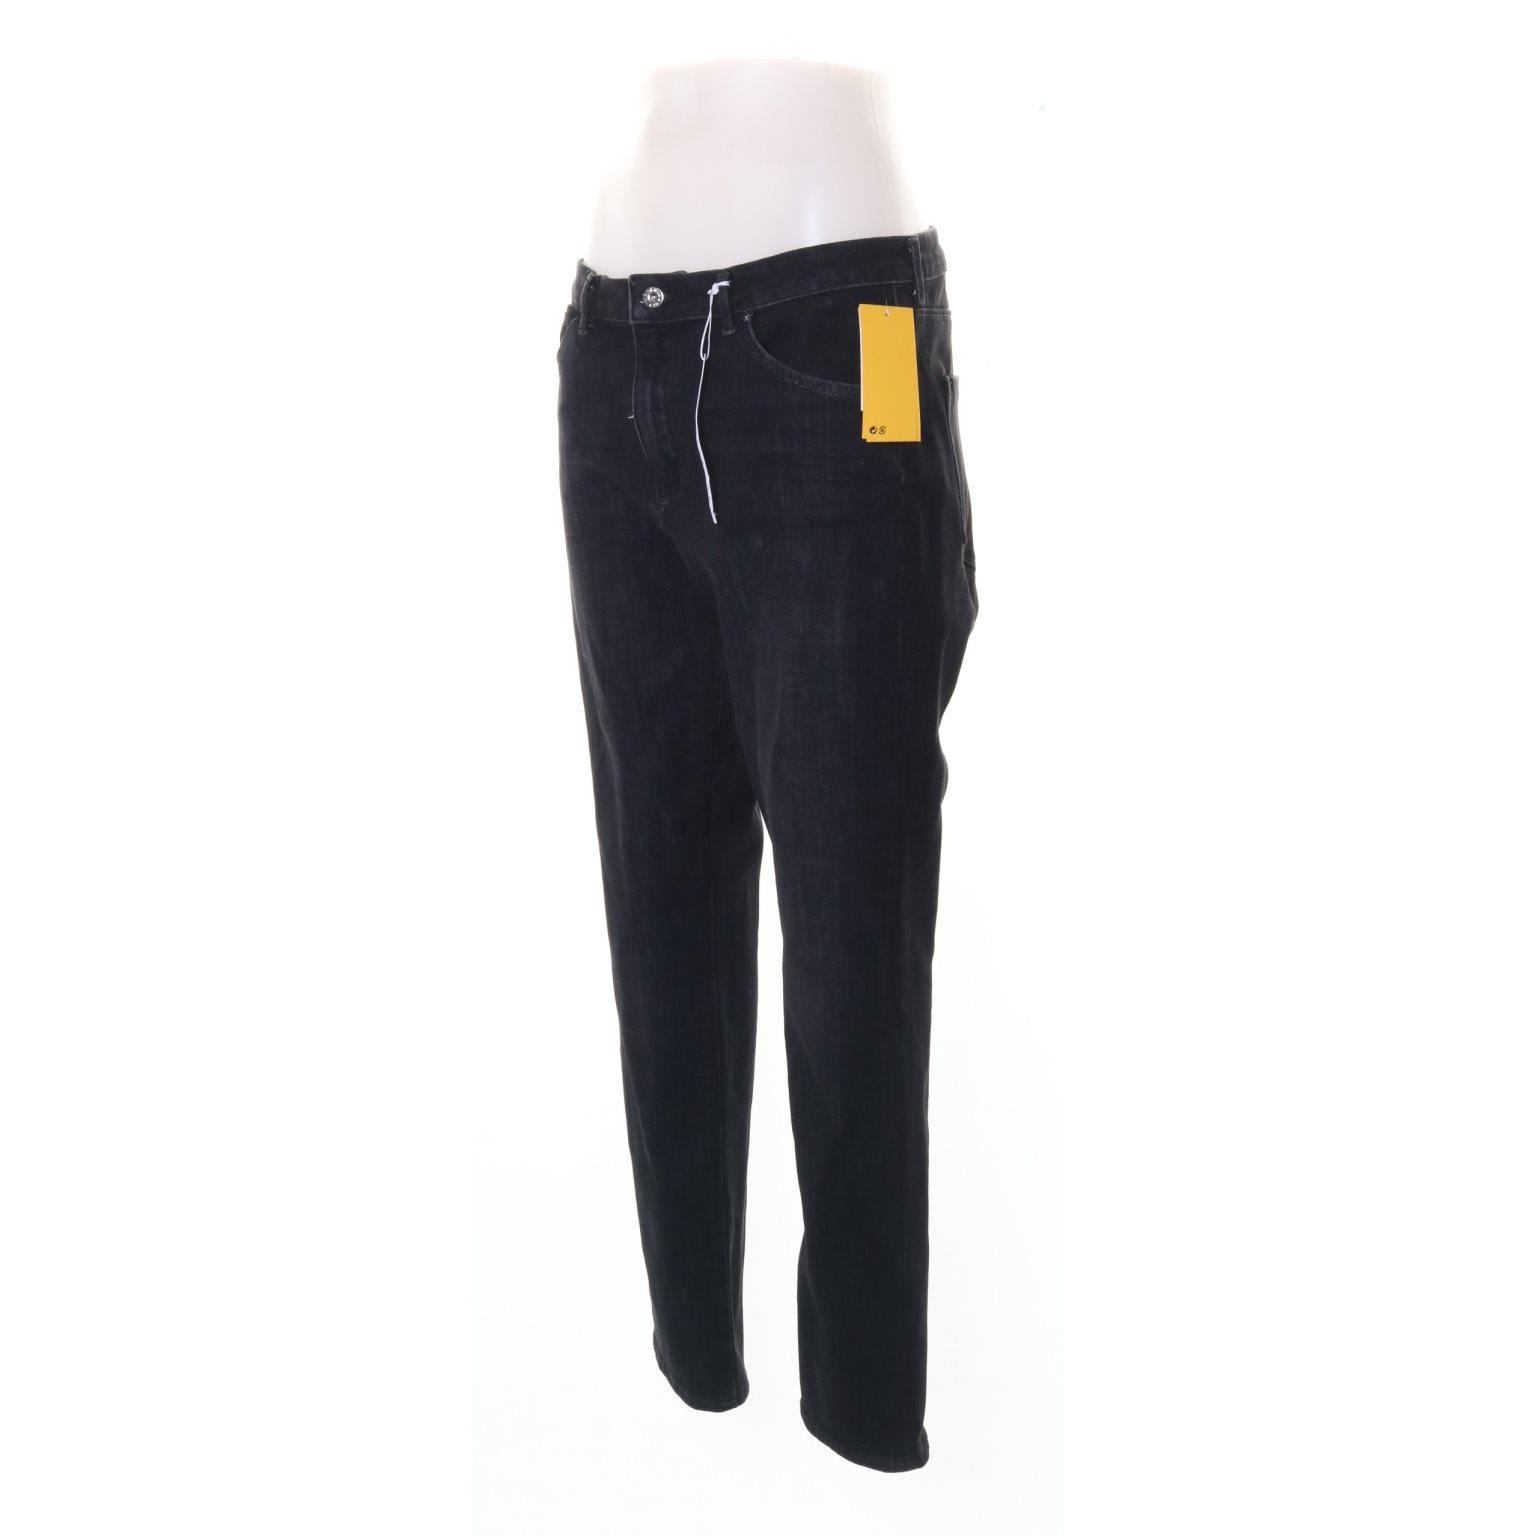 &Denim by H&M, H&M, H&M, Jeans, Strl: 36/32, 360 Stretch Skinny, Svart 6ddda2